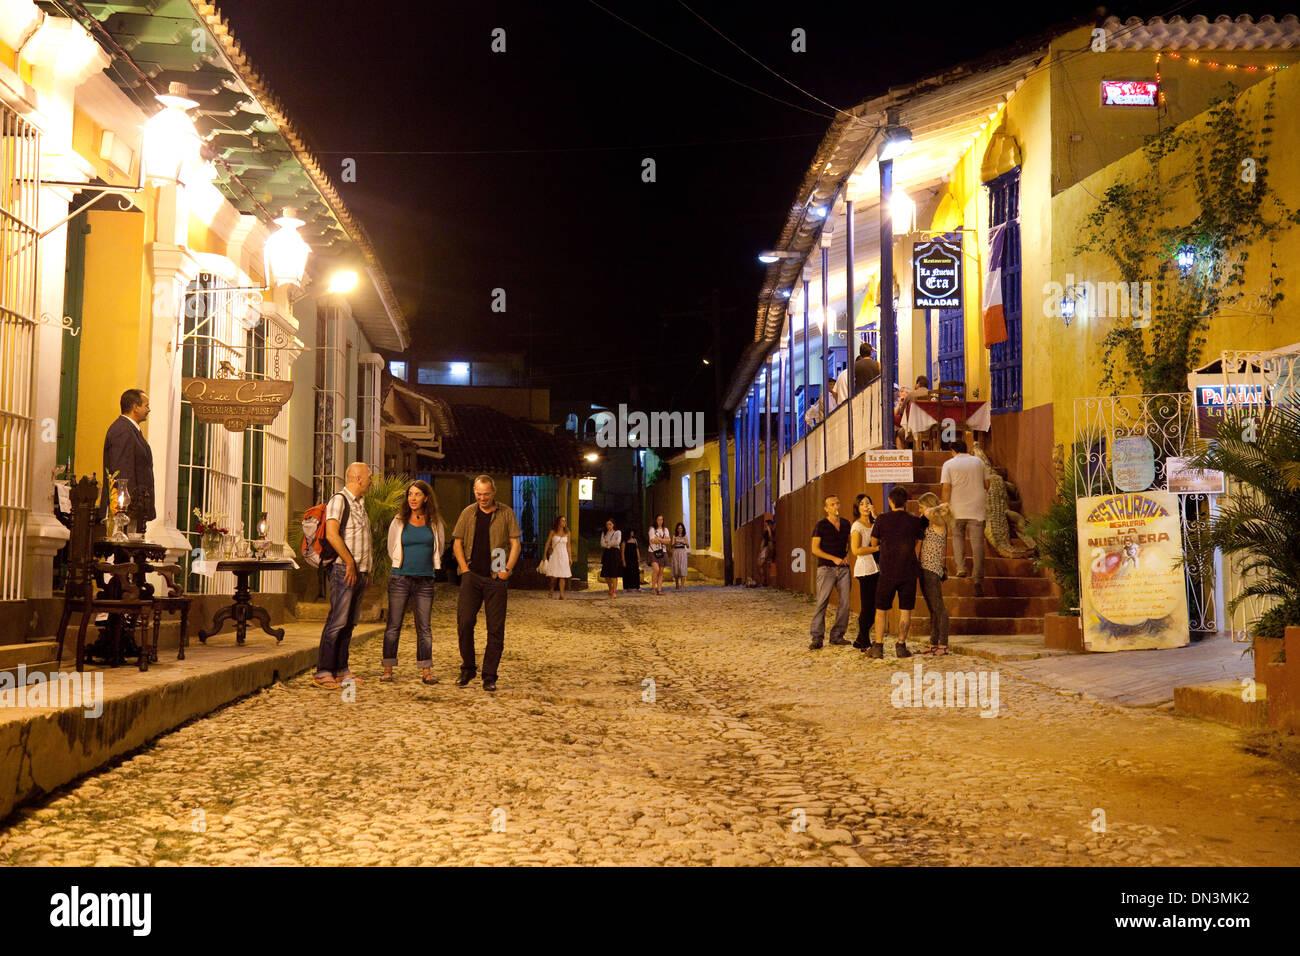 Menschen auf der Straße in Trinidad Kuba in der Nacht zu Restaurants und Bars für das Nachtleben, Trinidad Stockbild